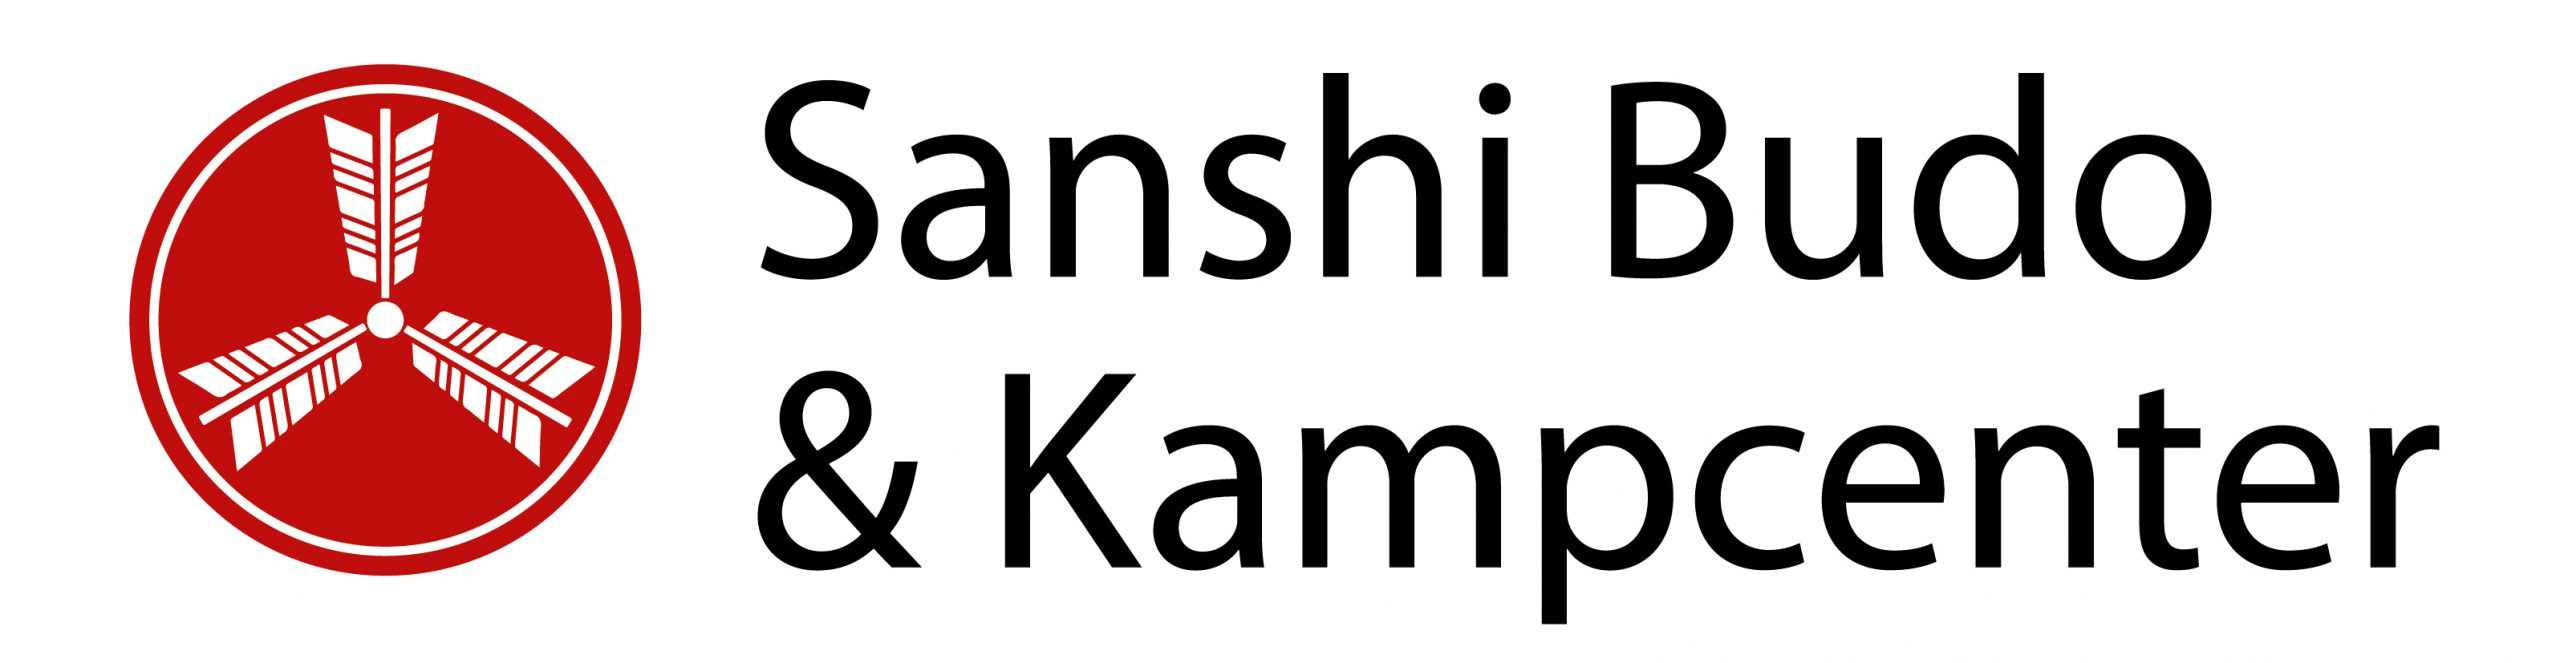 Sanshi Budo & Kampcenter